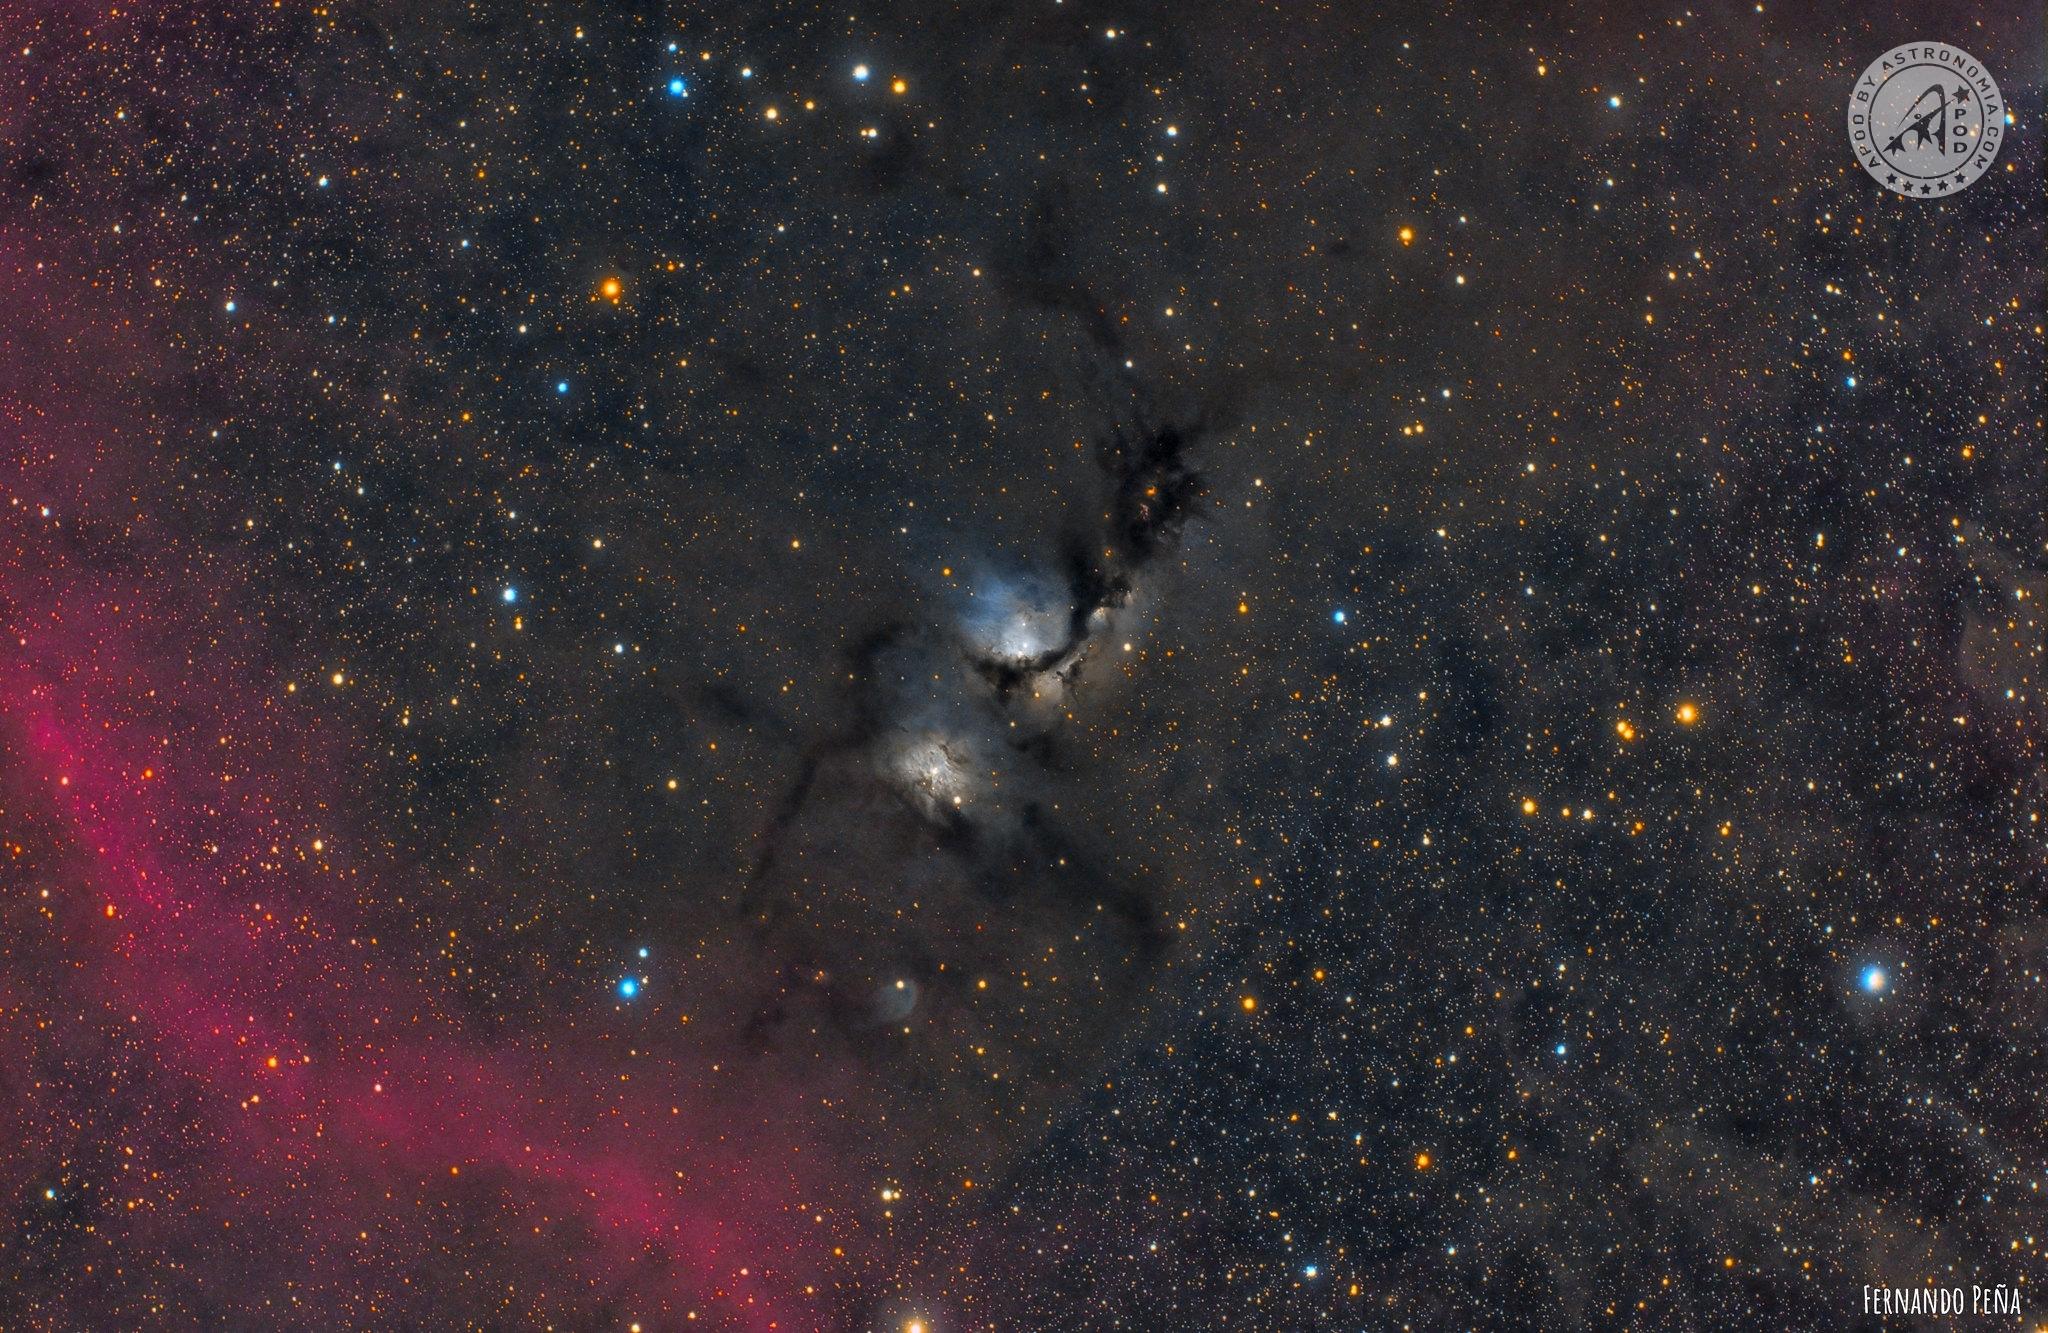 La Nebulosa diffusa M78